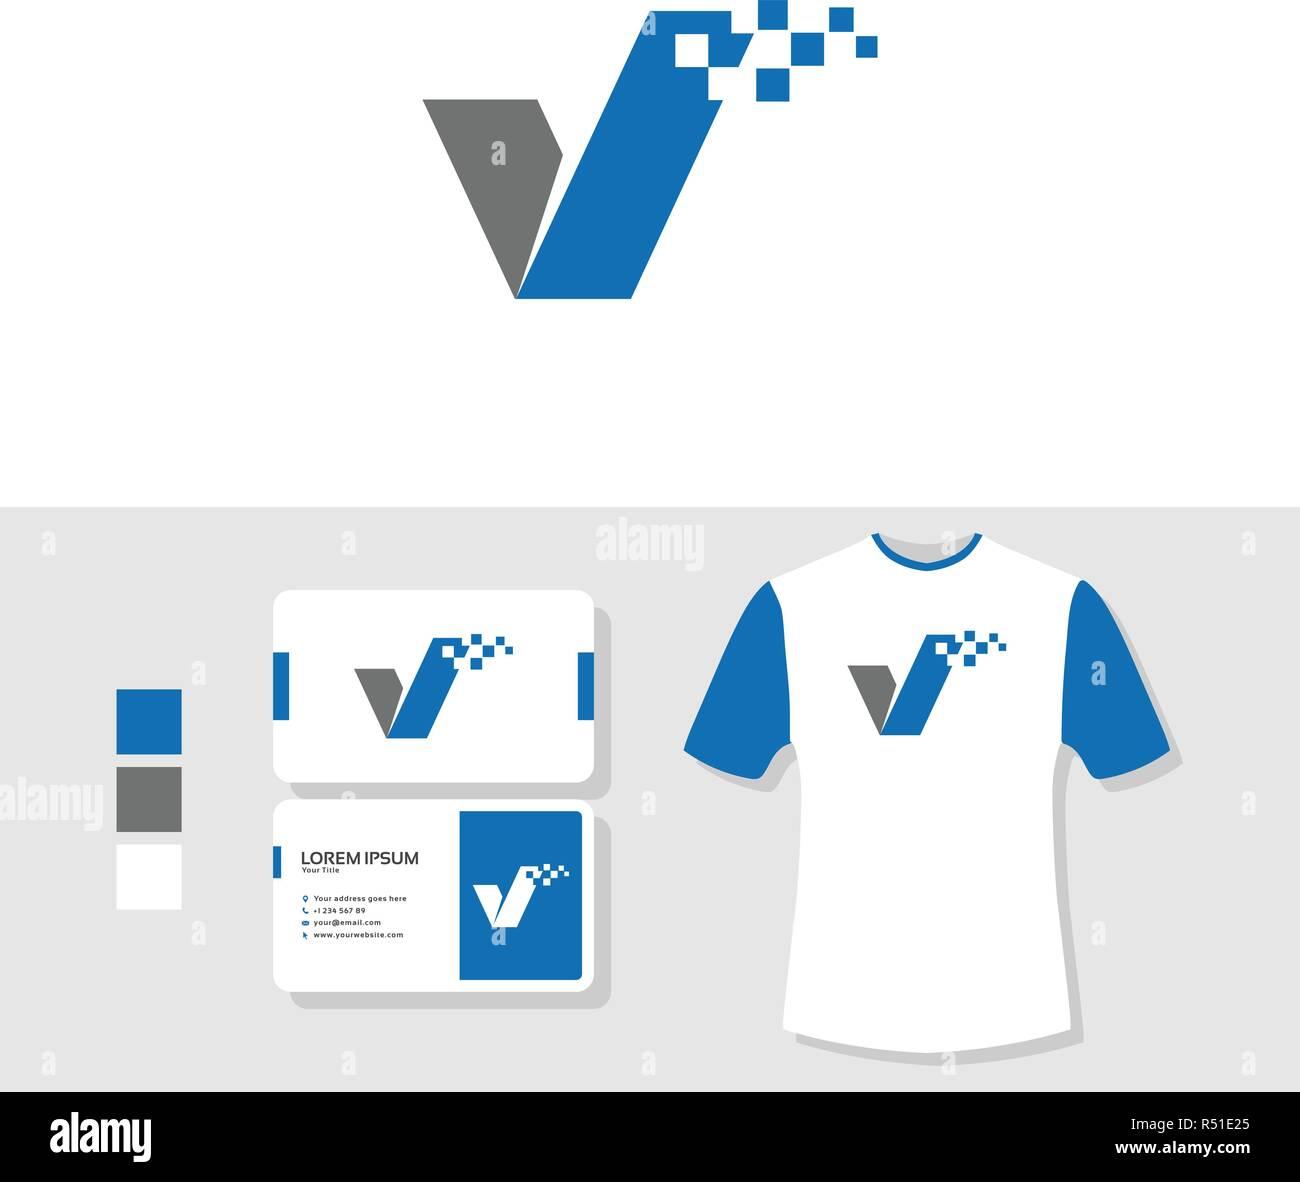 Logo Mit Business Card Und T Shirt Mockup Prufen Vektor Abbildung